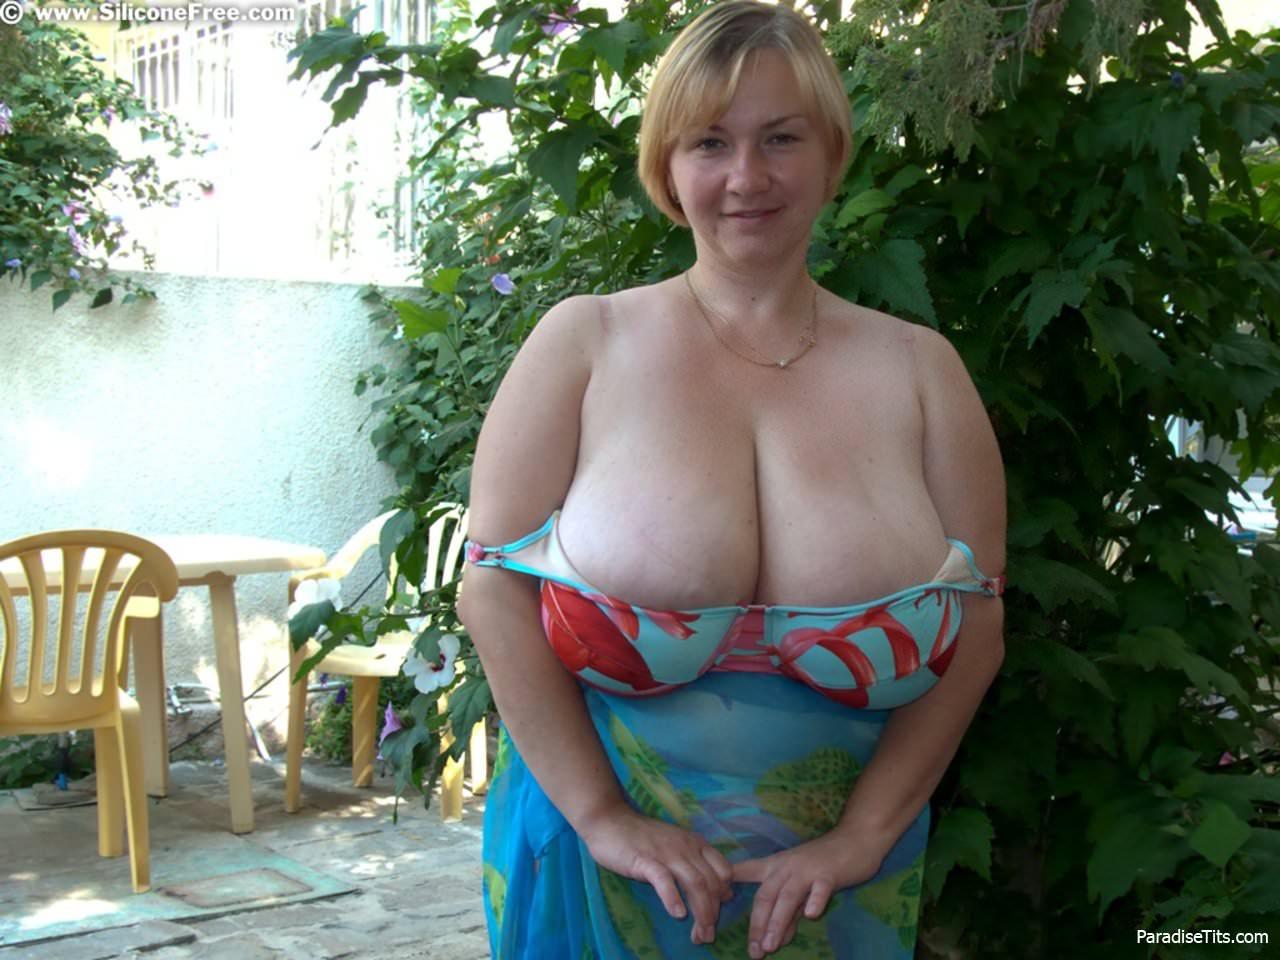 Зрелая рыжая блядь на порно фото сексуально сжимает огромные сисяндры в руках